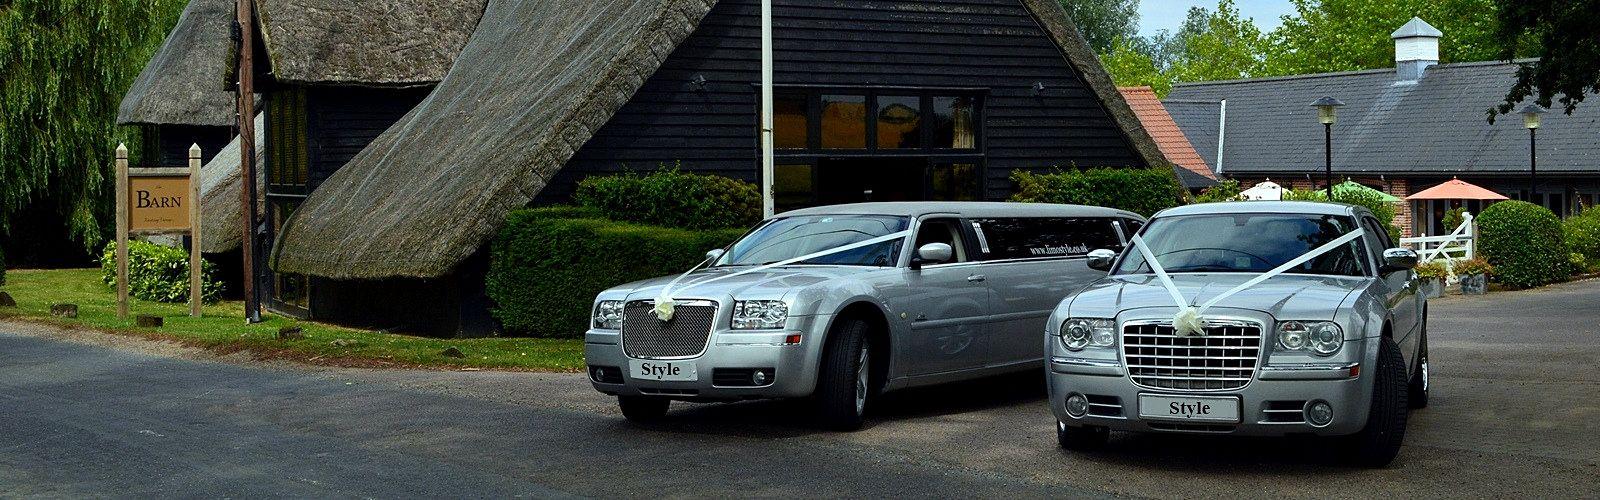 Wedding-Car-Hire-Limousine